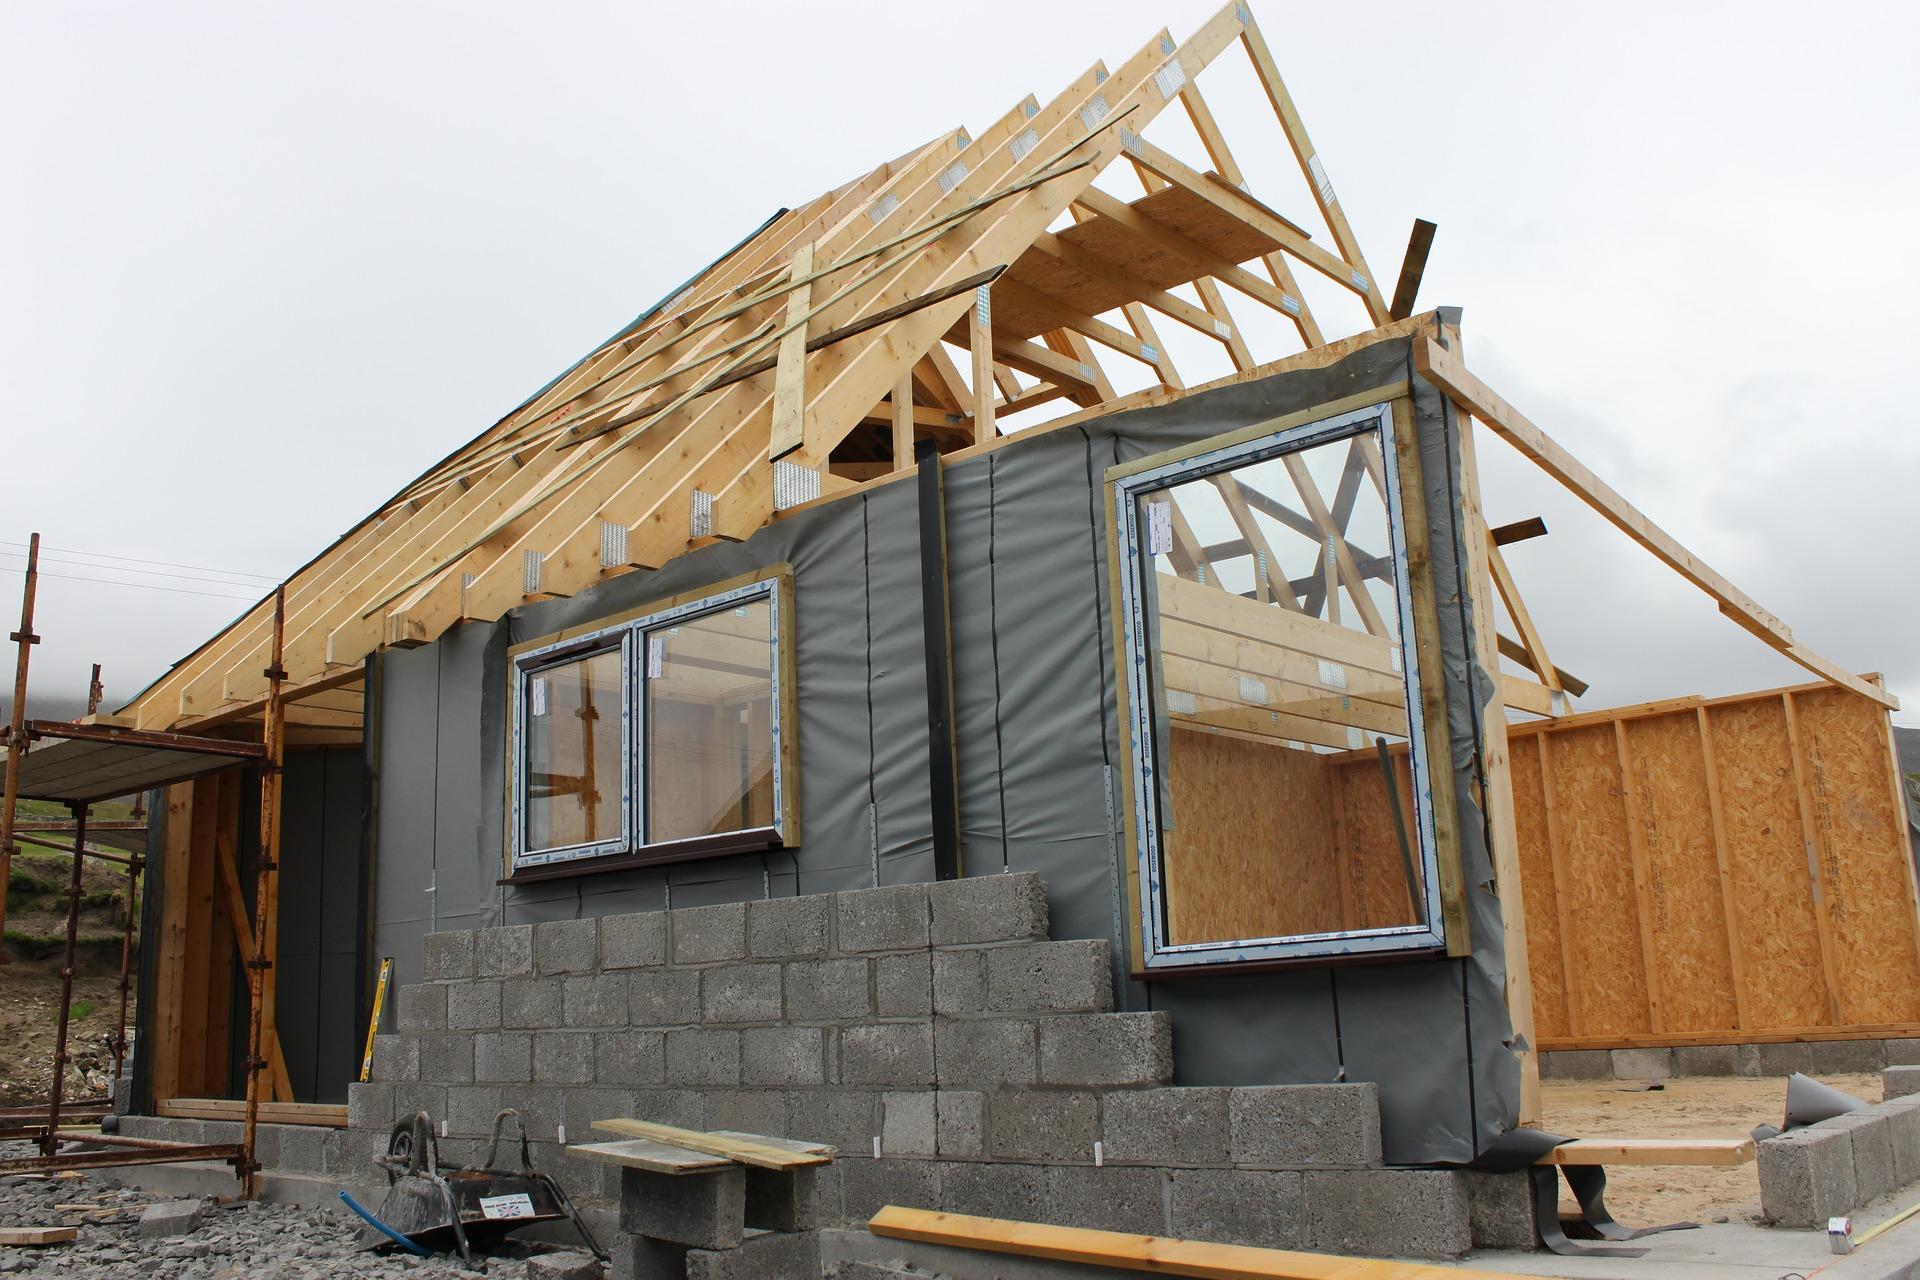 stavba-domu-zaklad-okna-steny-strecha